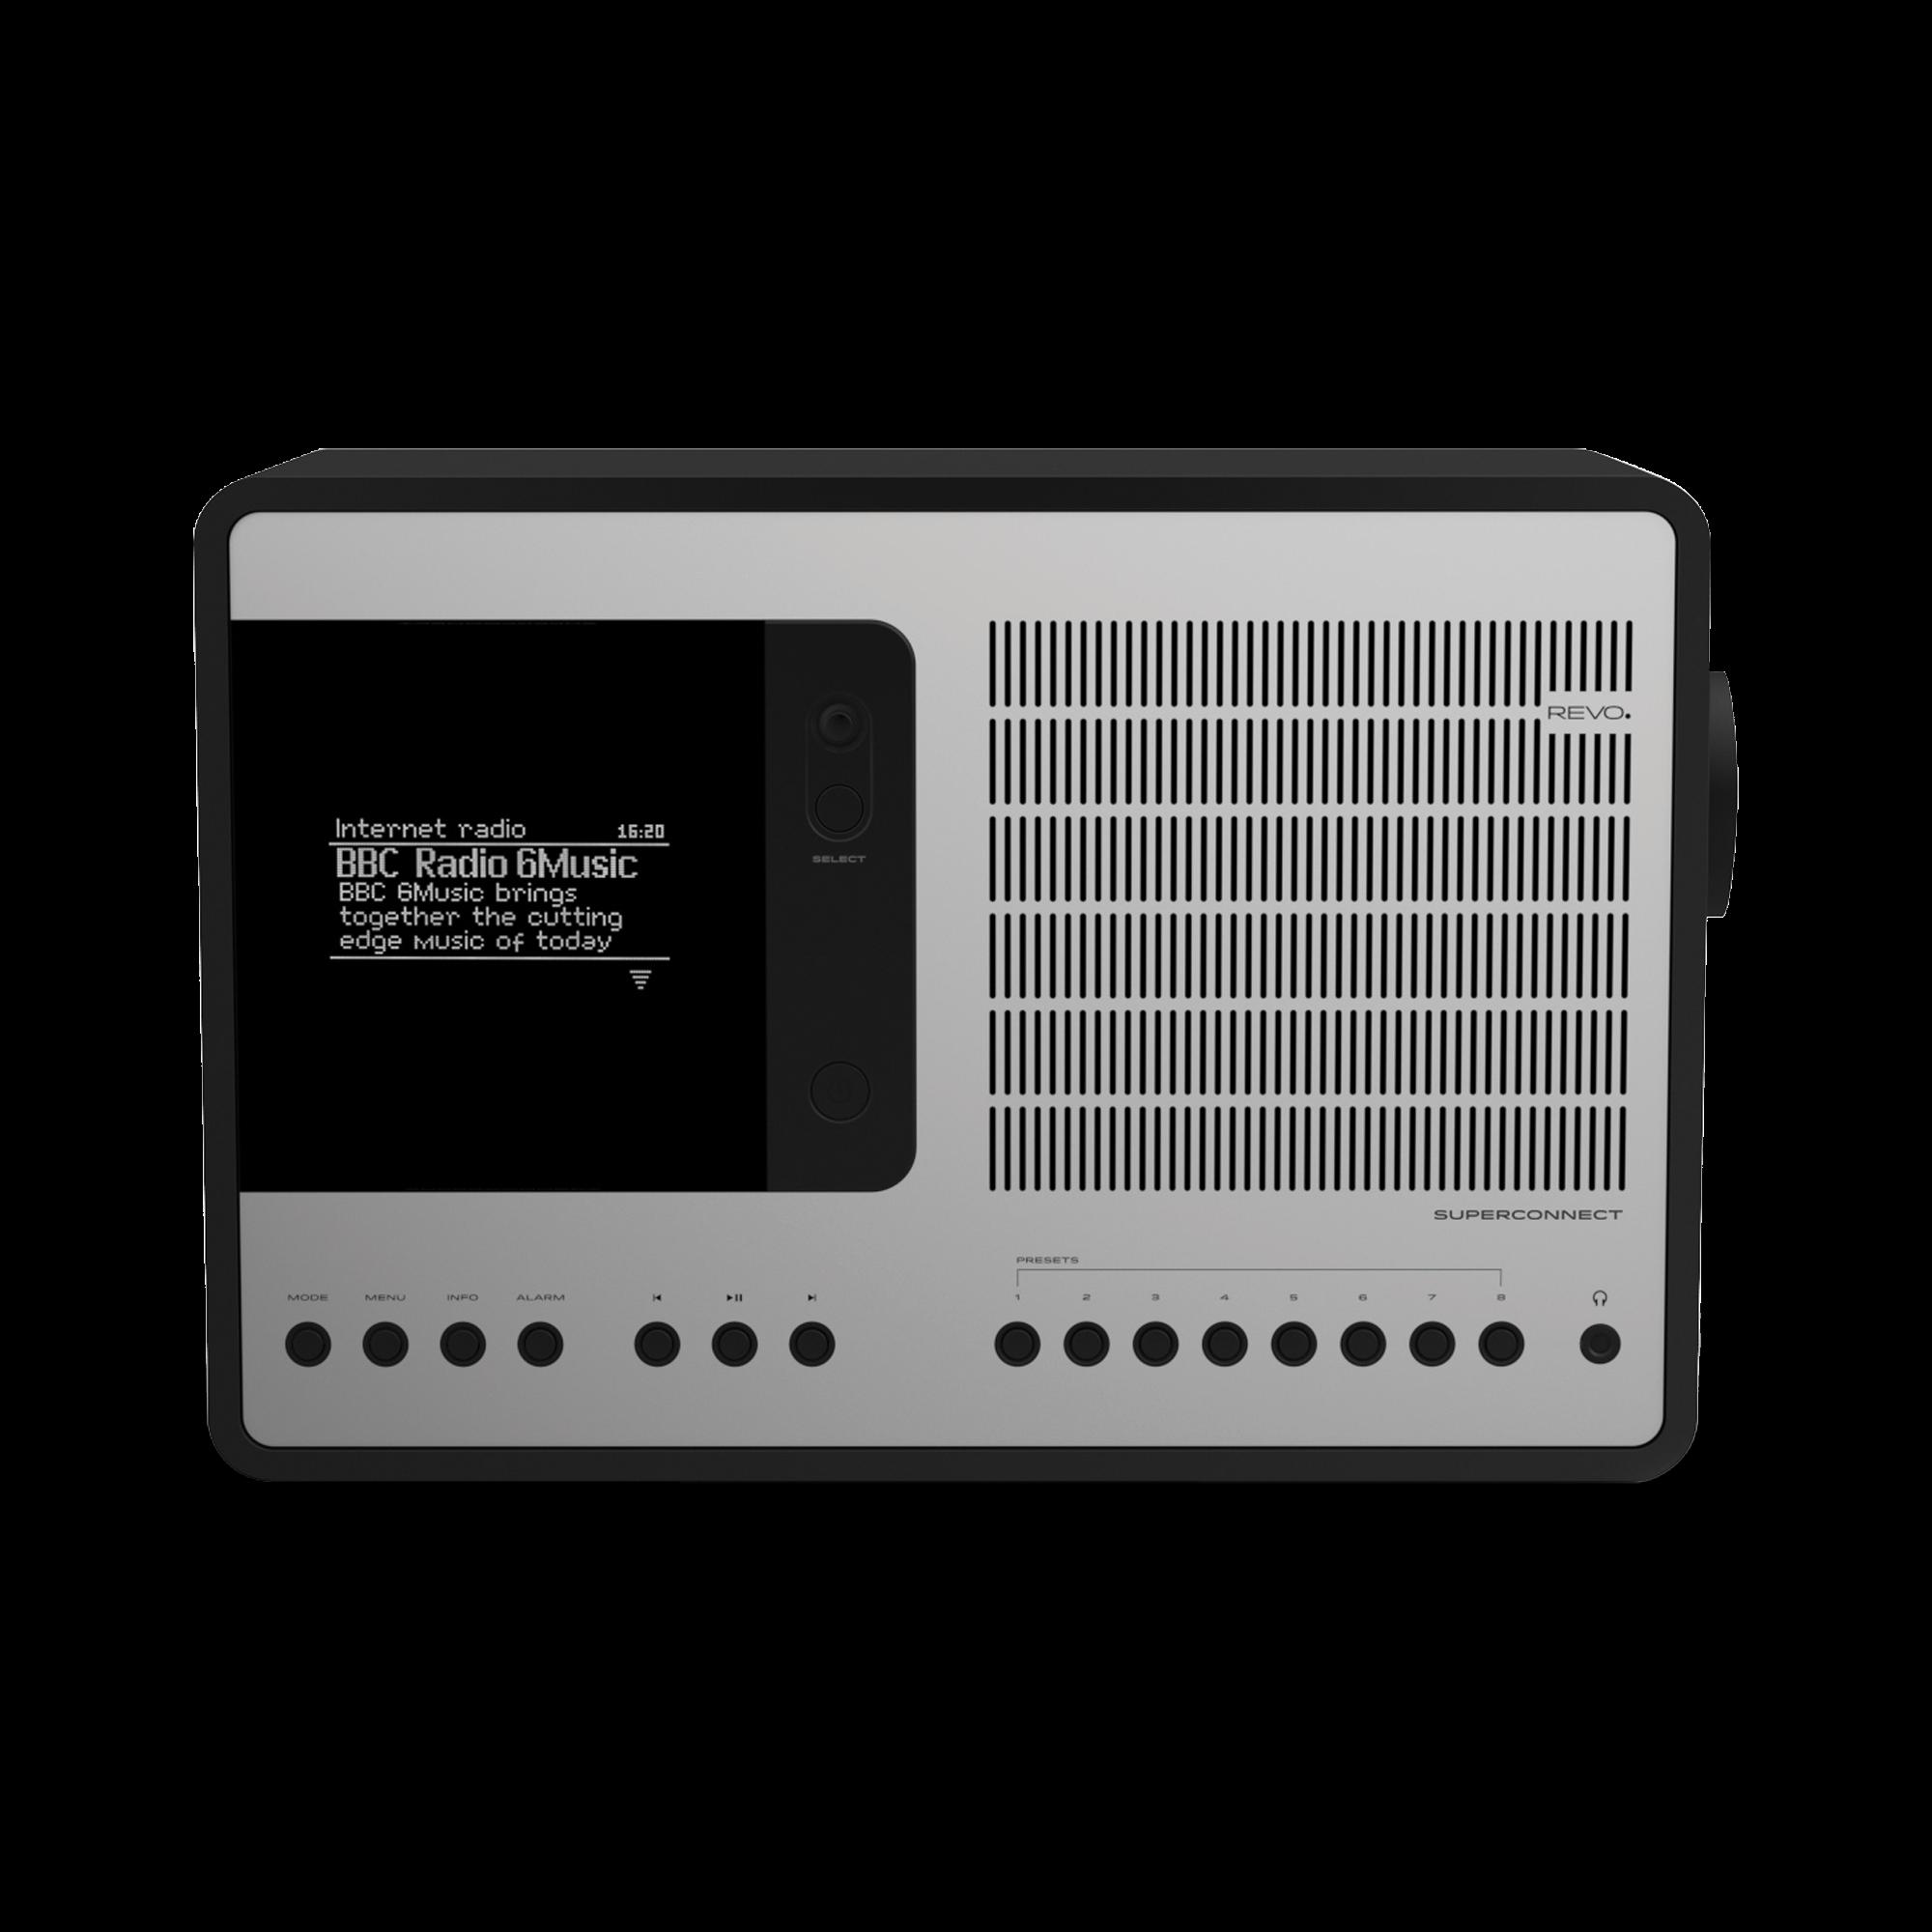 revo-superconnect-black-silver-1